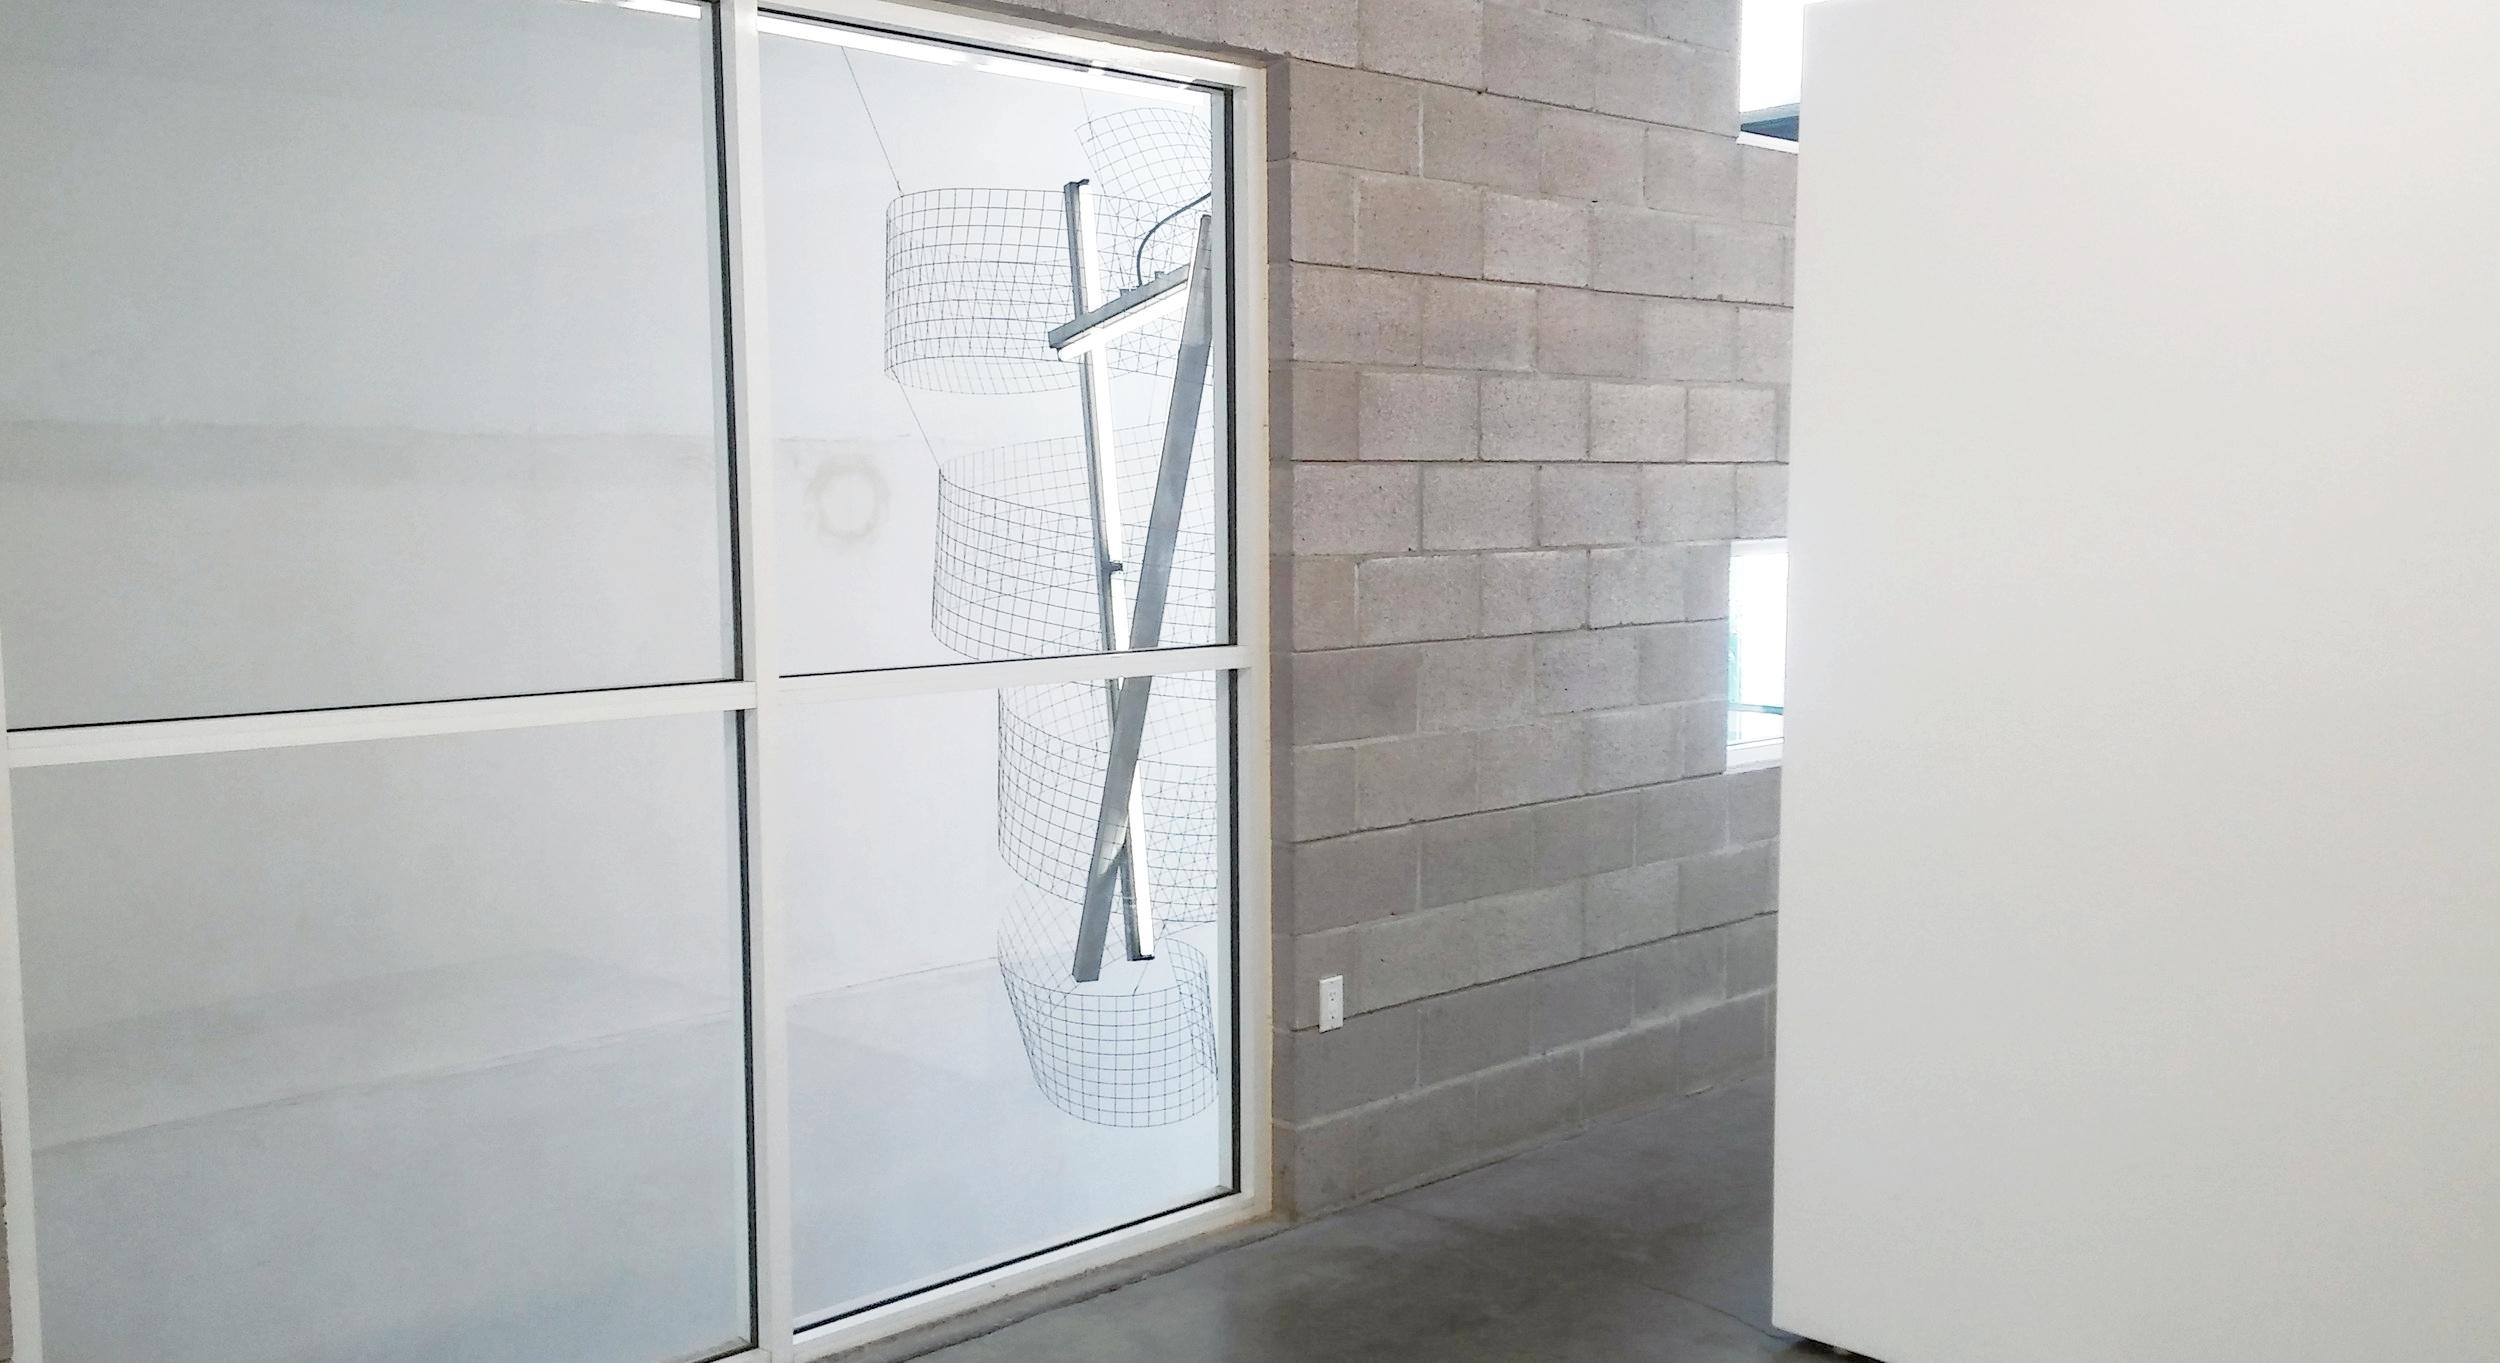 west window wall